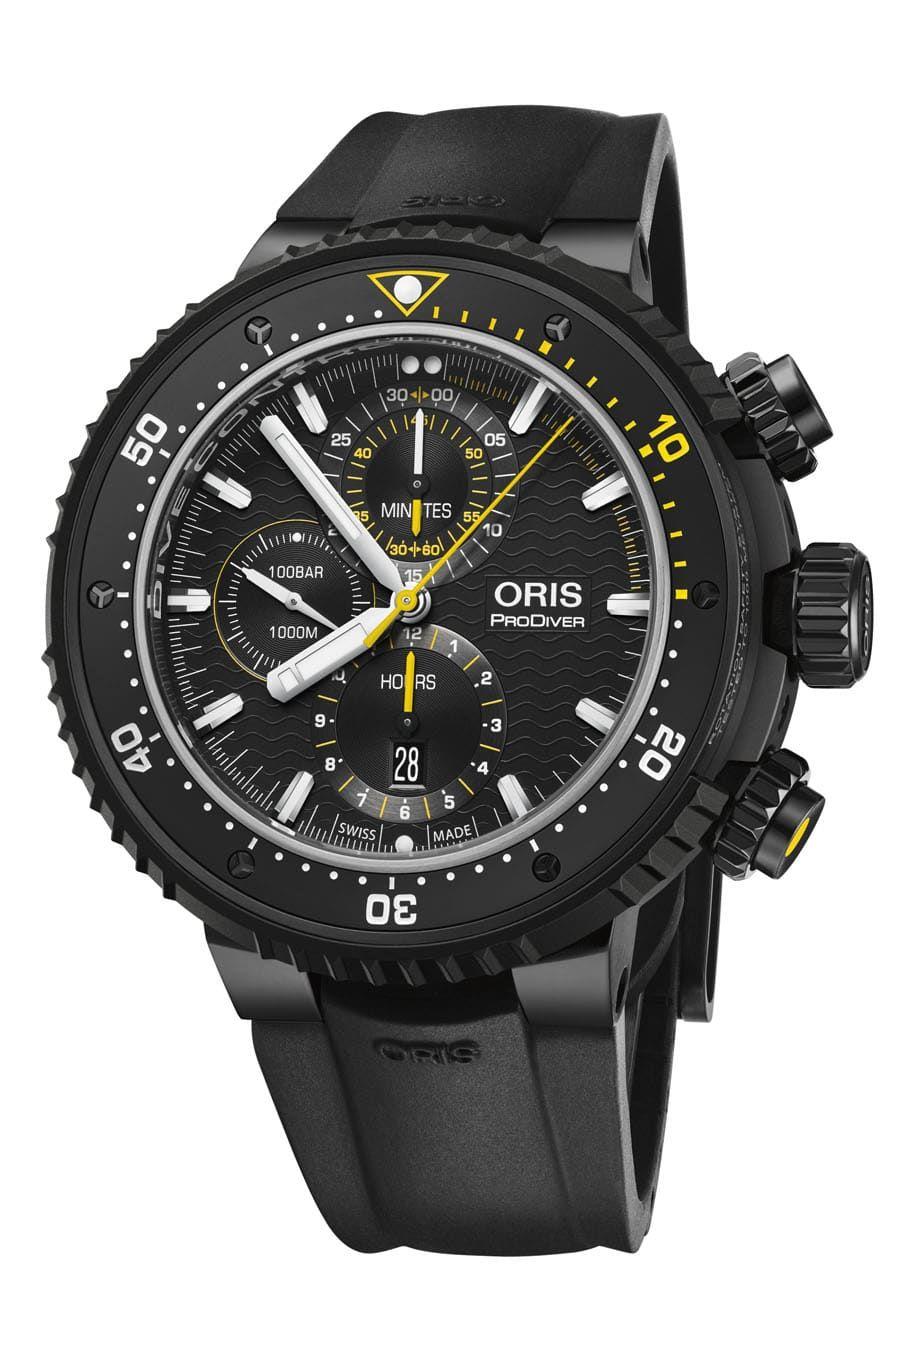 Oris Dive Control Limited Edition Mit Schwarzem Kautschukband Watchtime Net In 2020 Uhren Herren Oris Uhren Taucheruhr